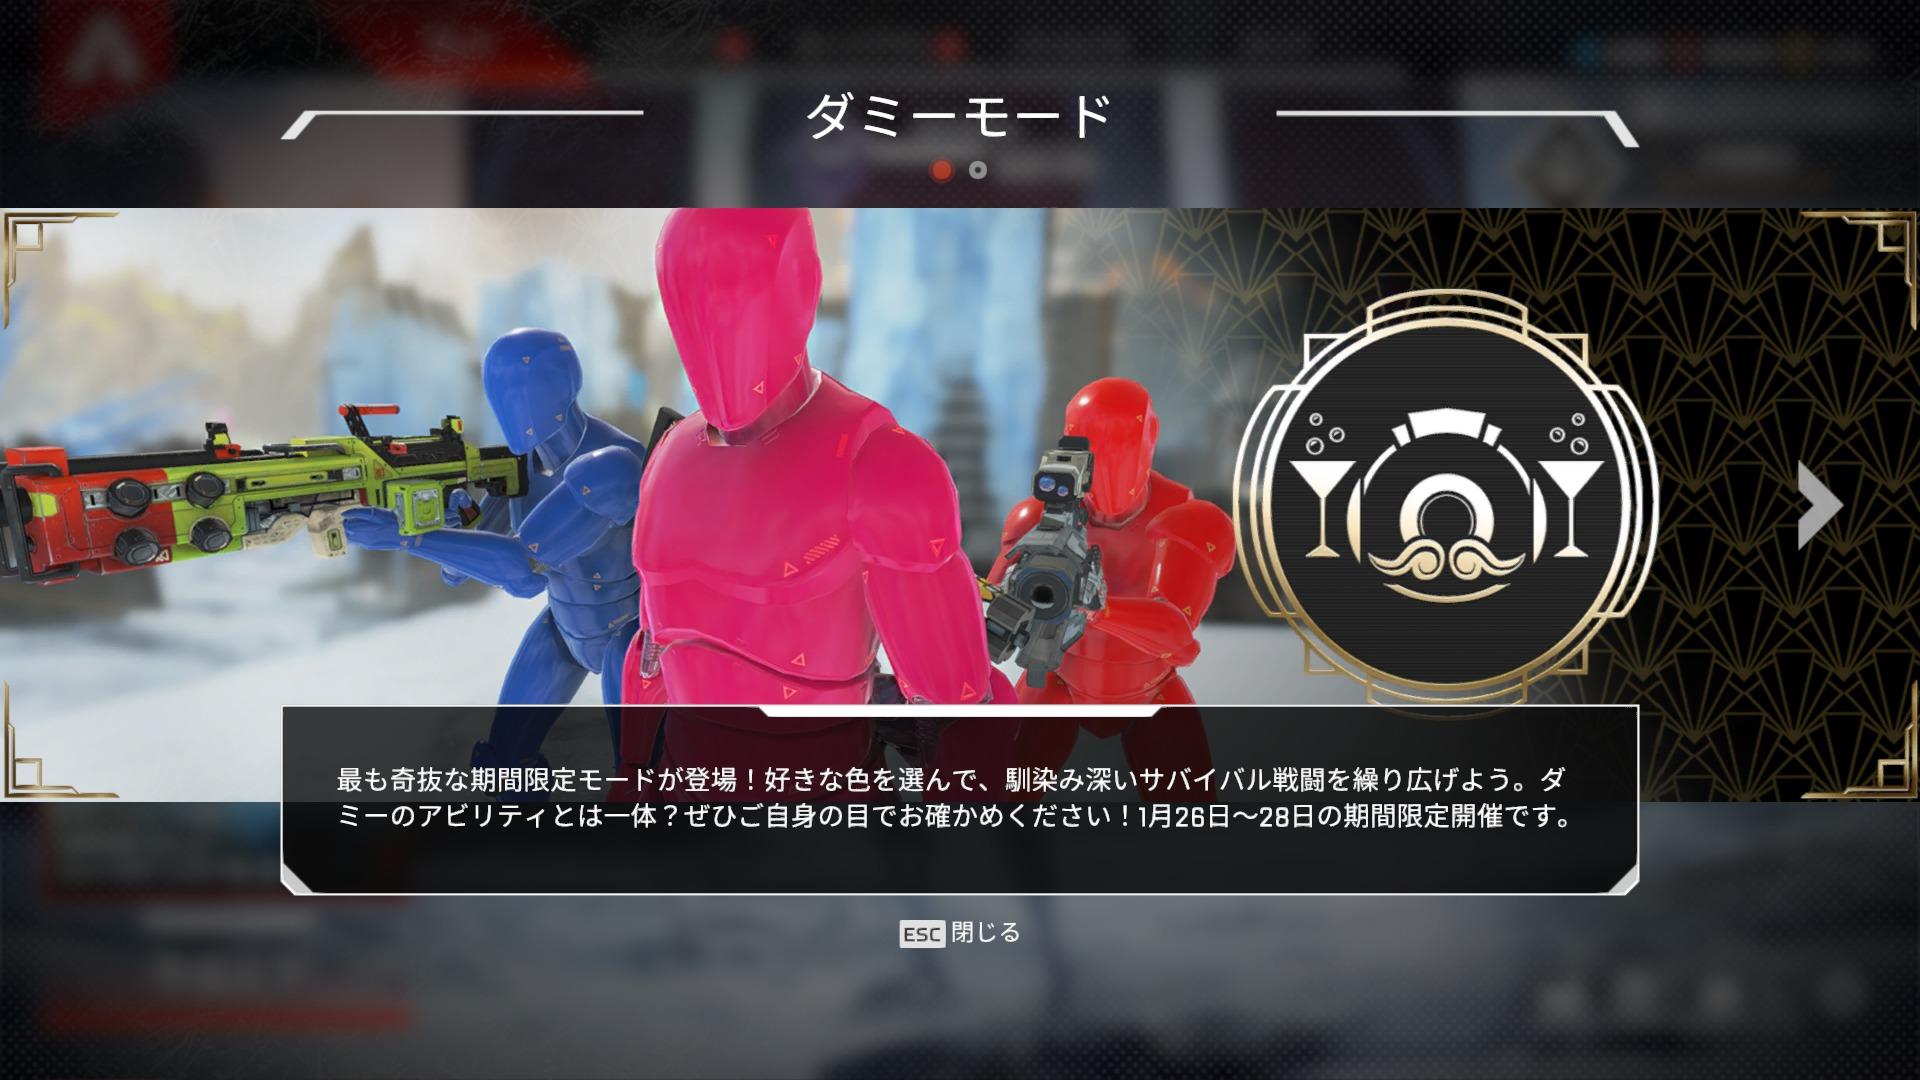 【速報】大晩餐会イベントのゲームモードが見た目が全員ダミー人形になる「ダミーモード」に変更されたぞ!!